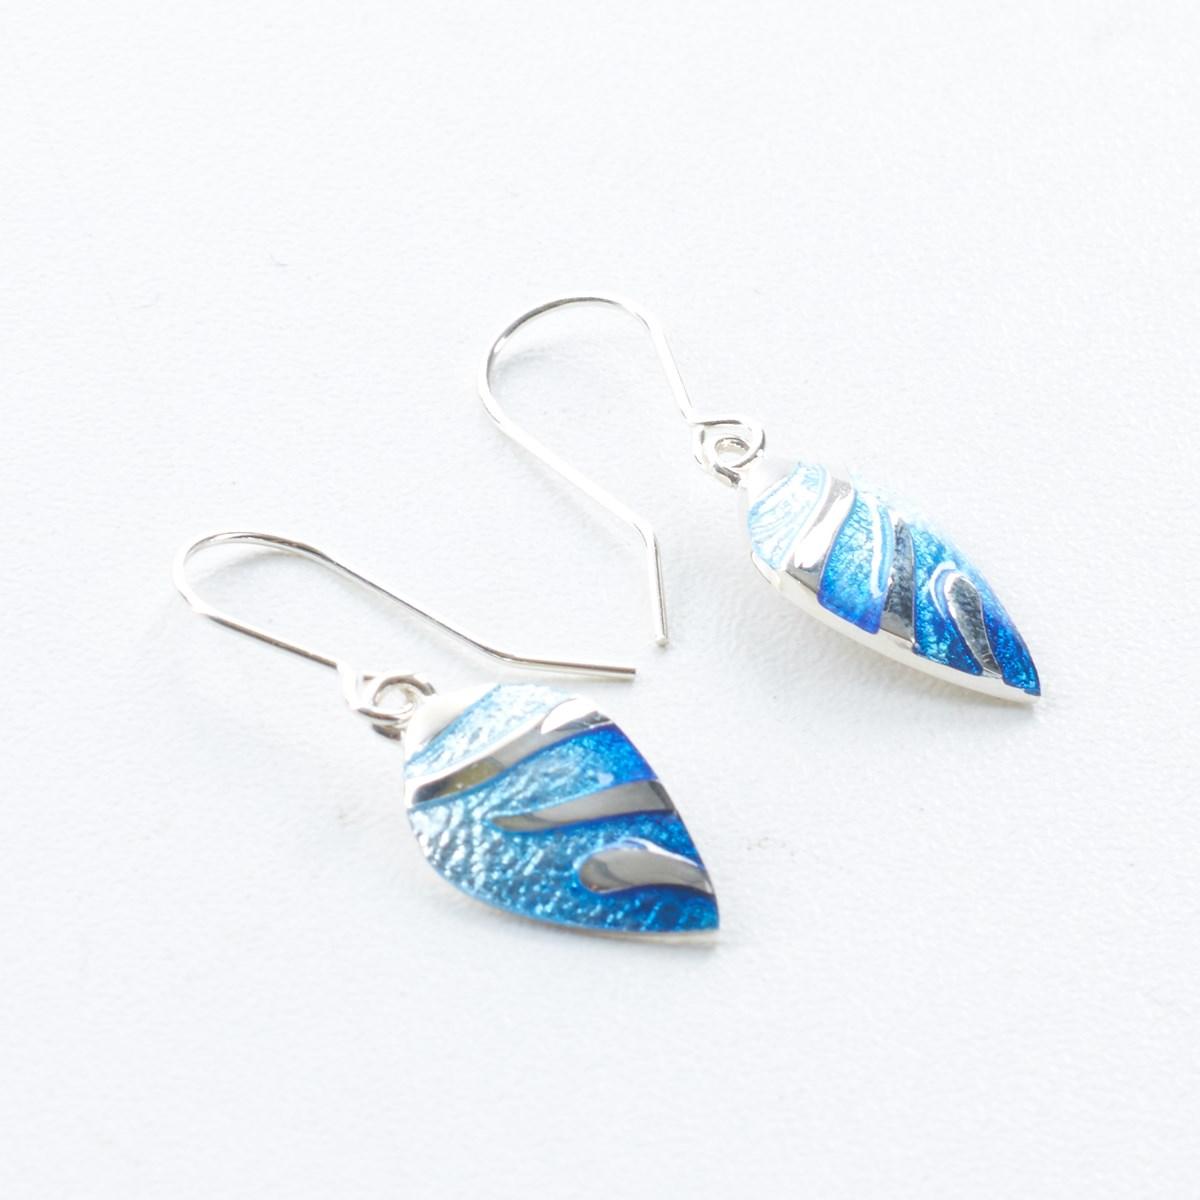 493c0b137 Sterling Silver Mirage Drop Earrings by Ortak ·  18170061_sterling_silver_earrings_mirage_oasis_3217_3250